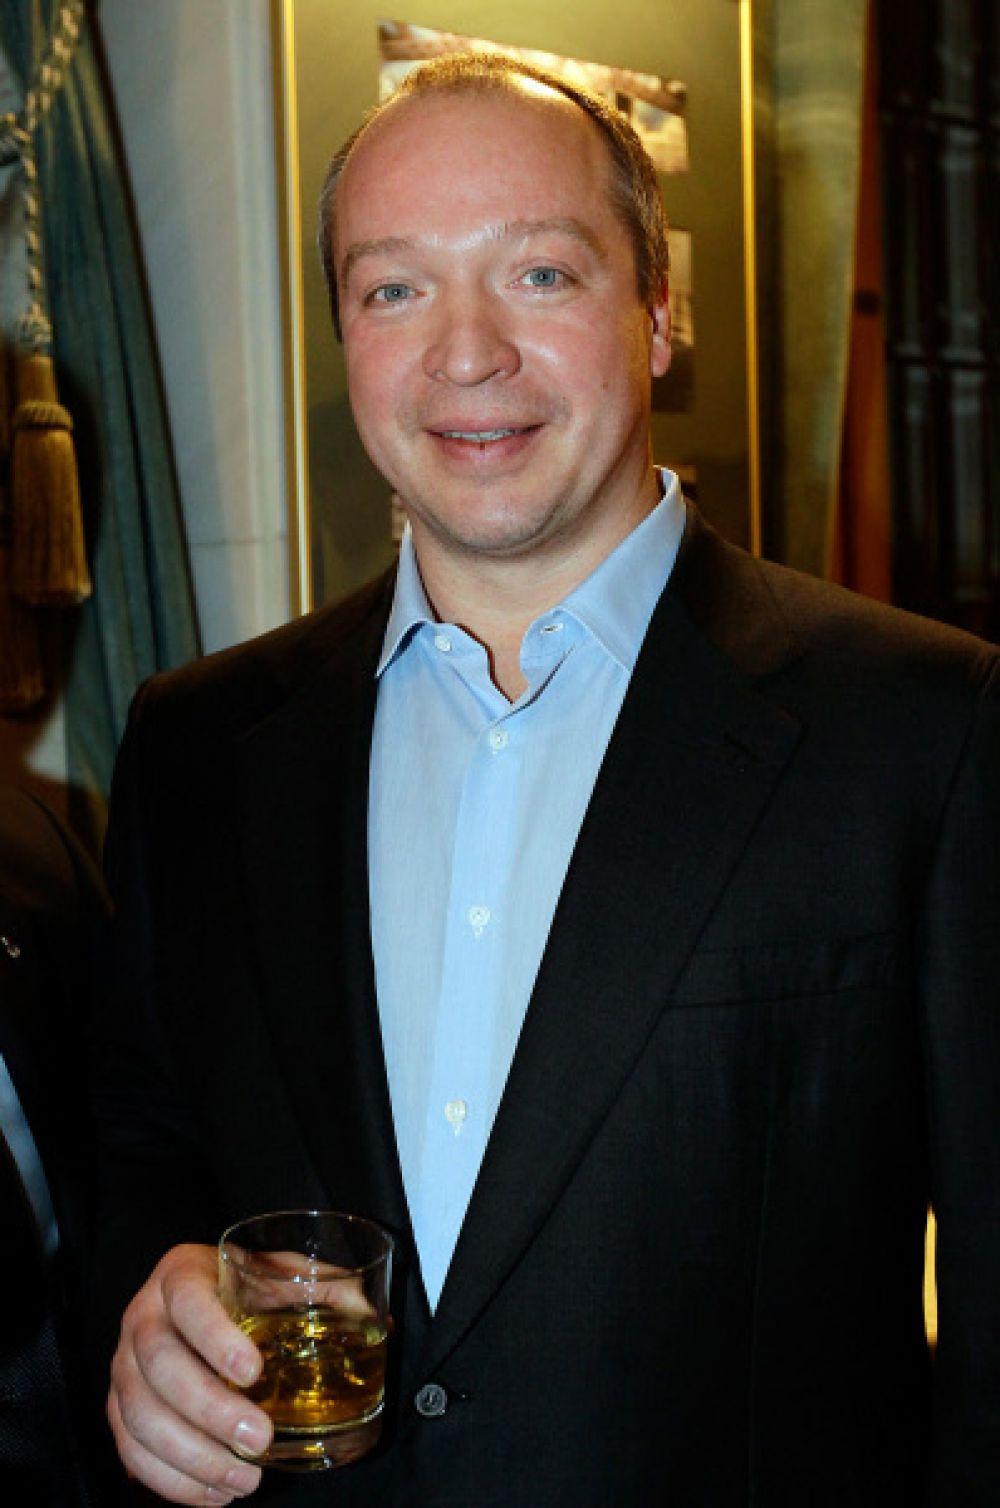 48-летний депутат от «Единой России» Андрей Скоч уже был женат – последний из его браков был заключён летом 2011 года. Впрочем, сейчас Скоч снова не женат. Состояние депутата оценивается в $8,2 млрд.